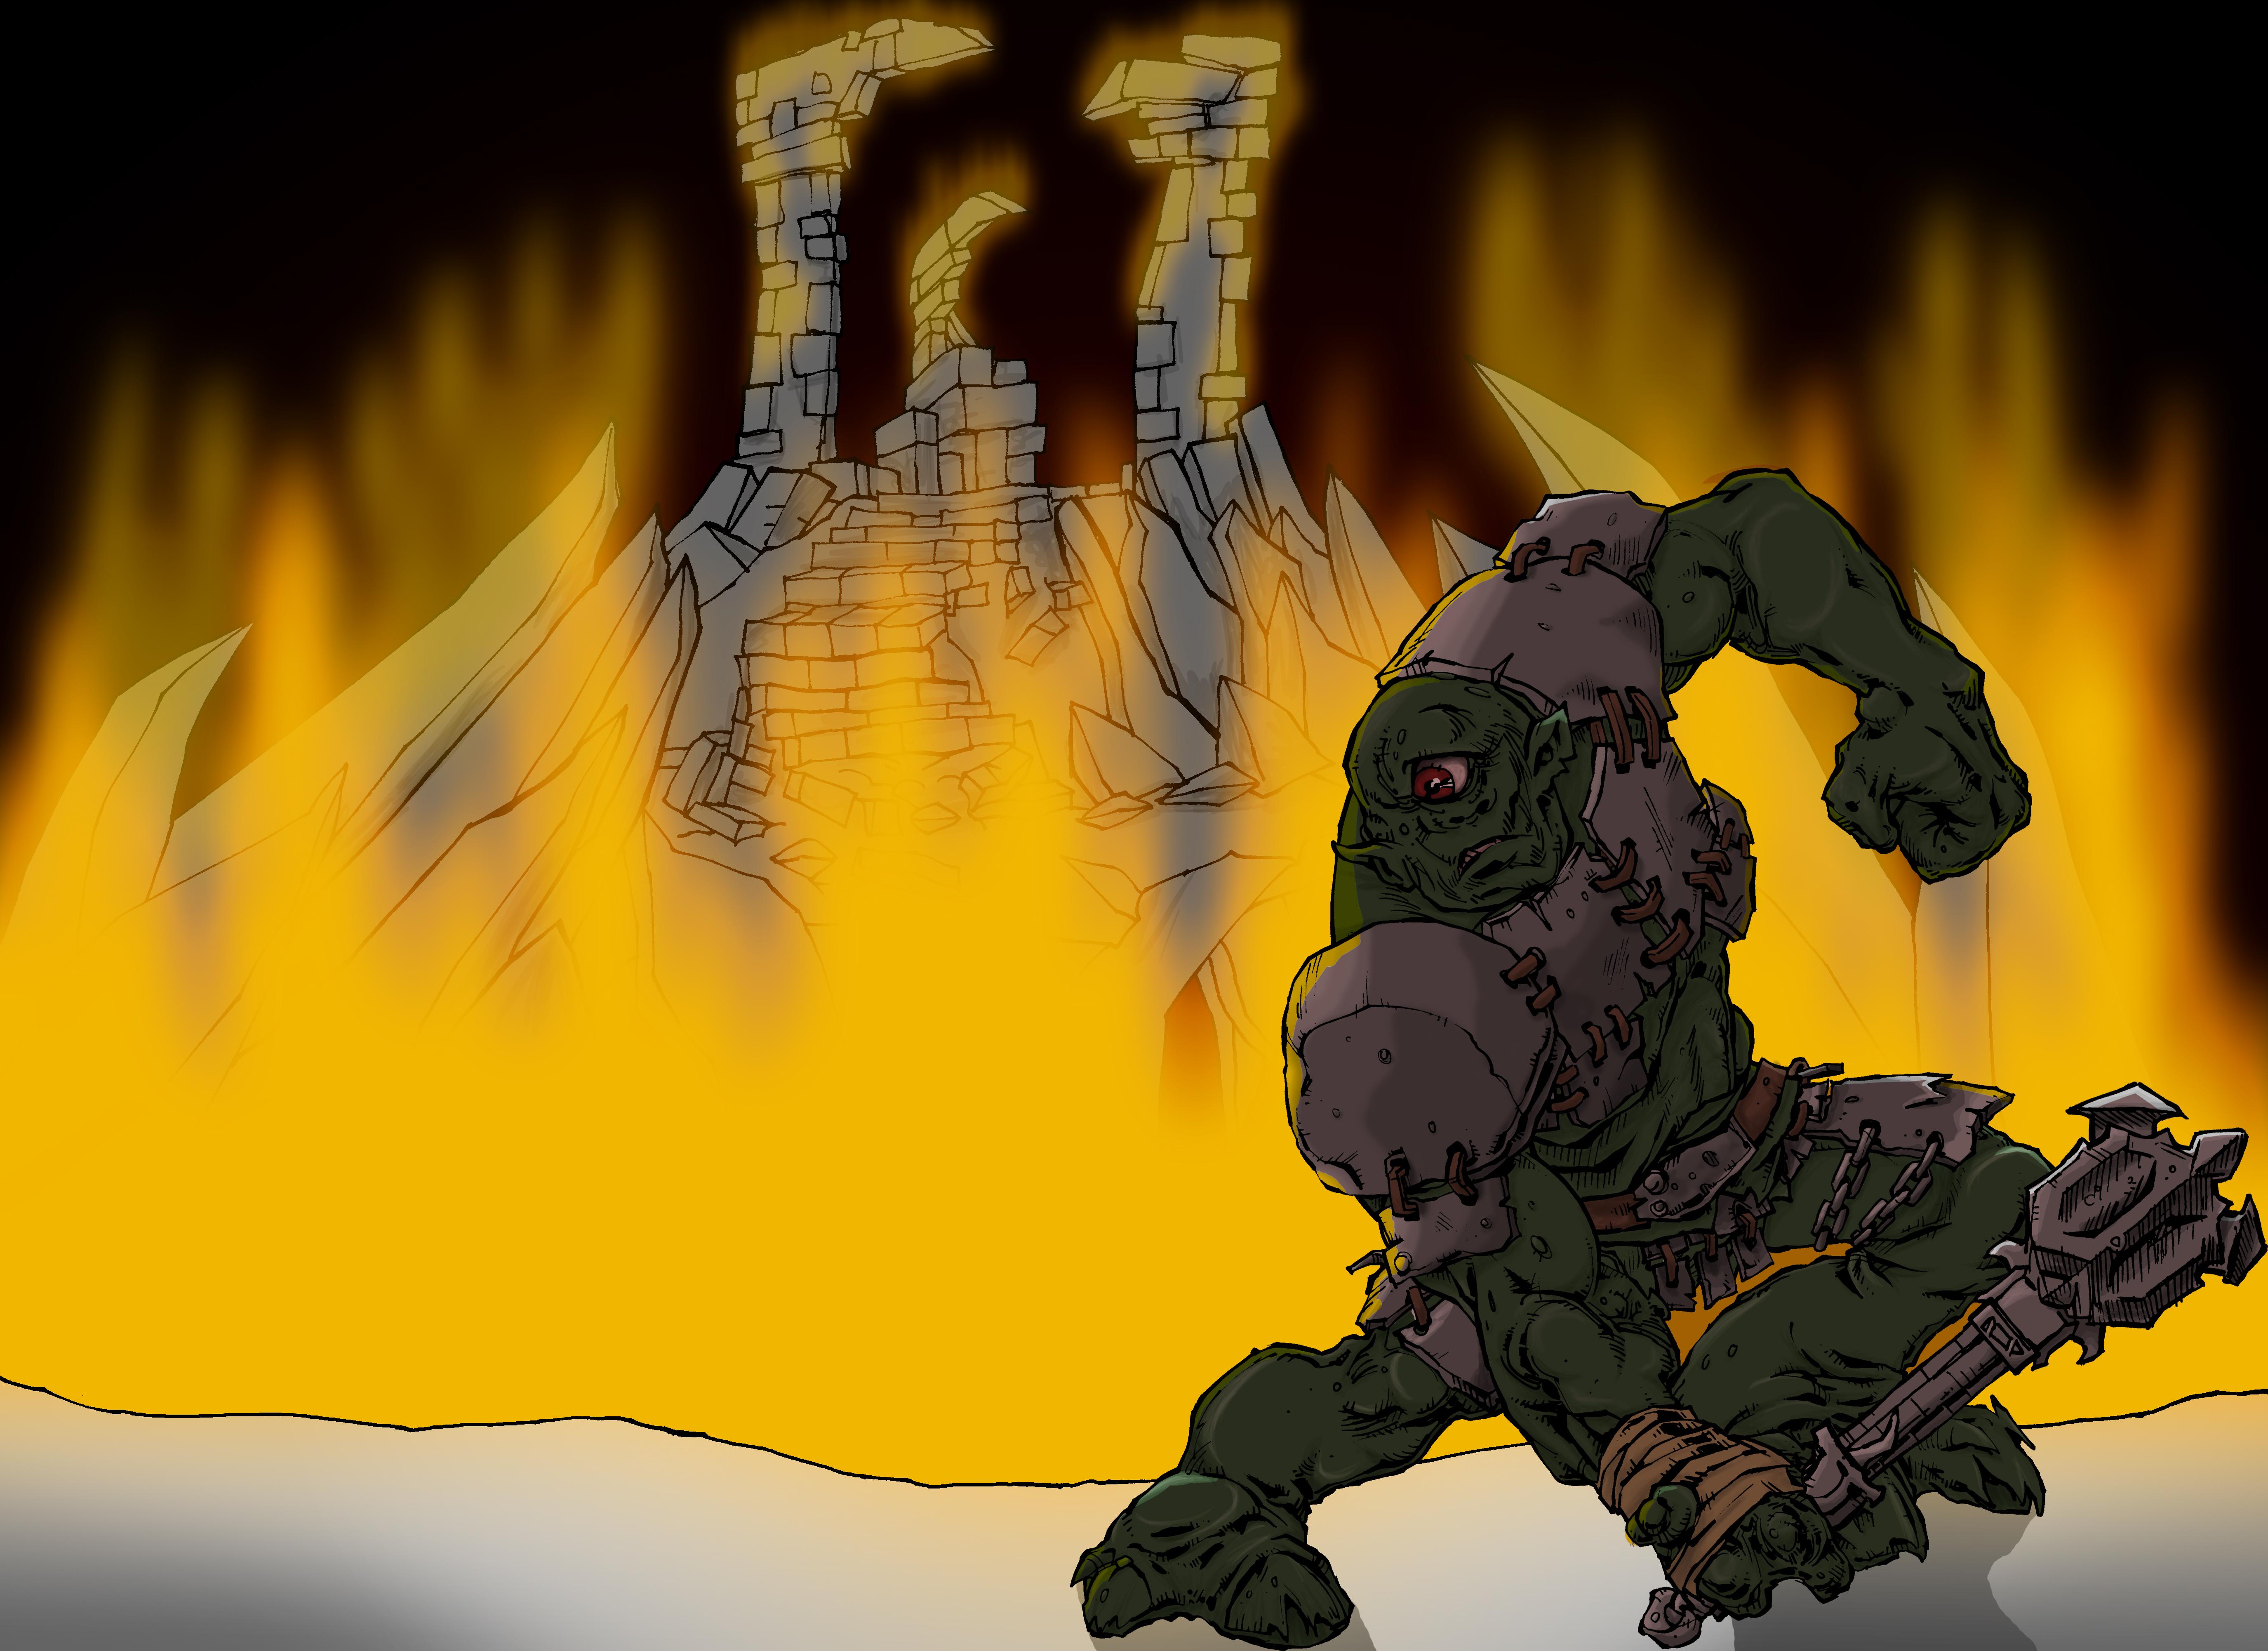 Fire troll